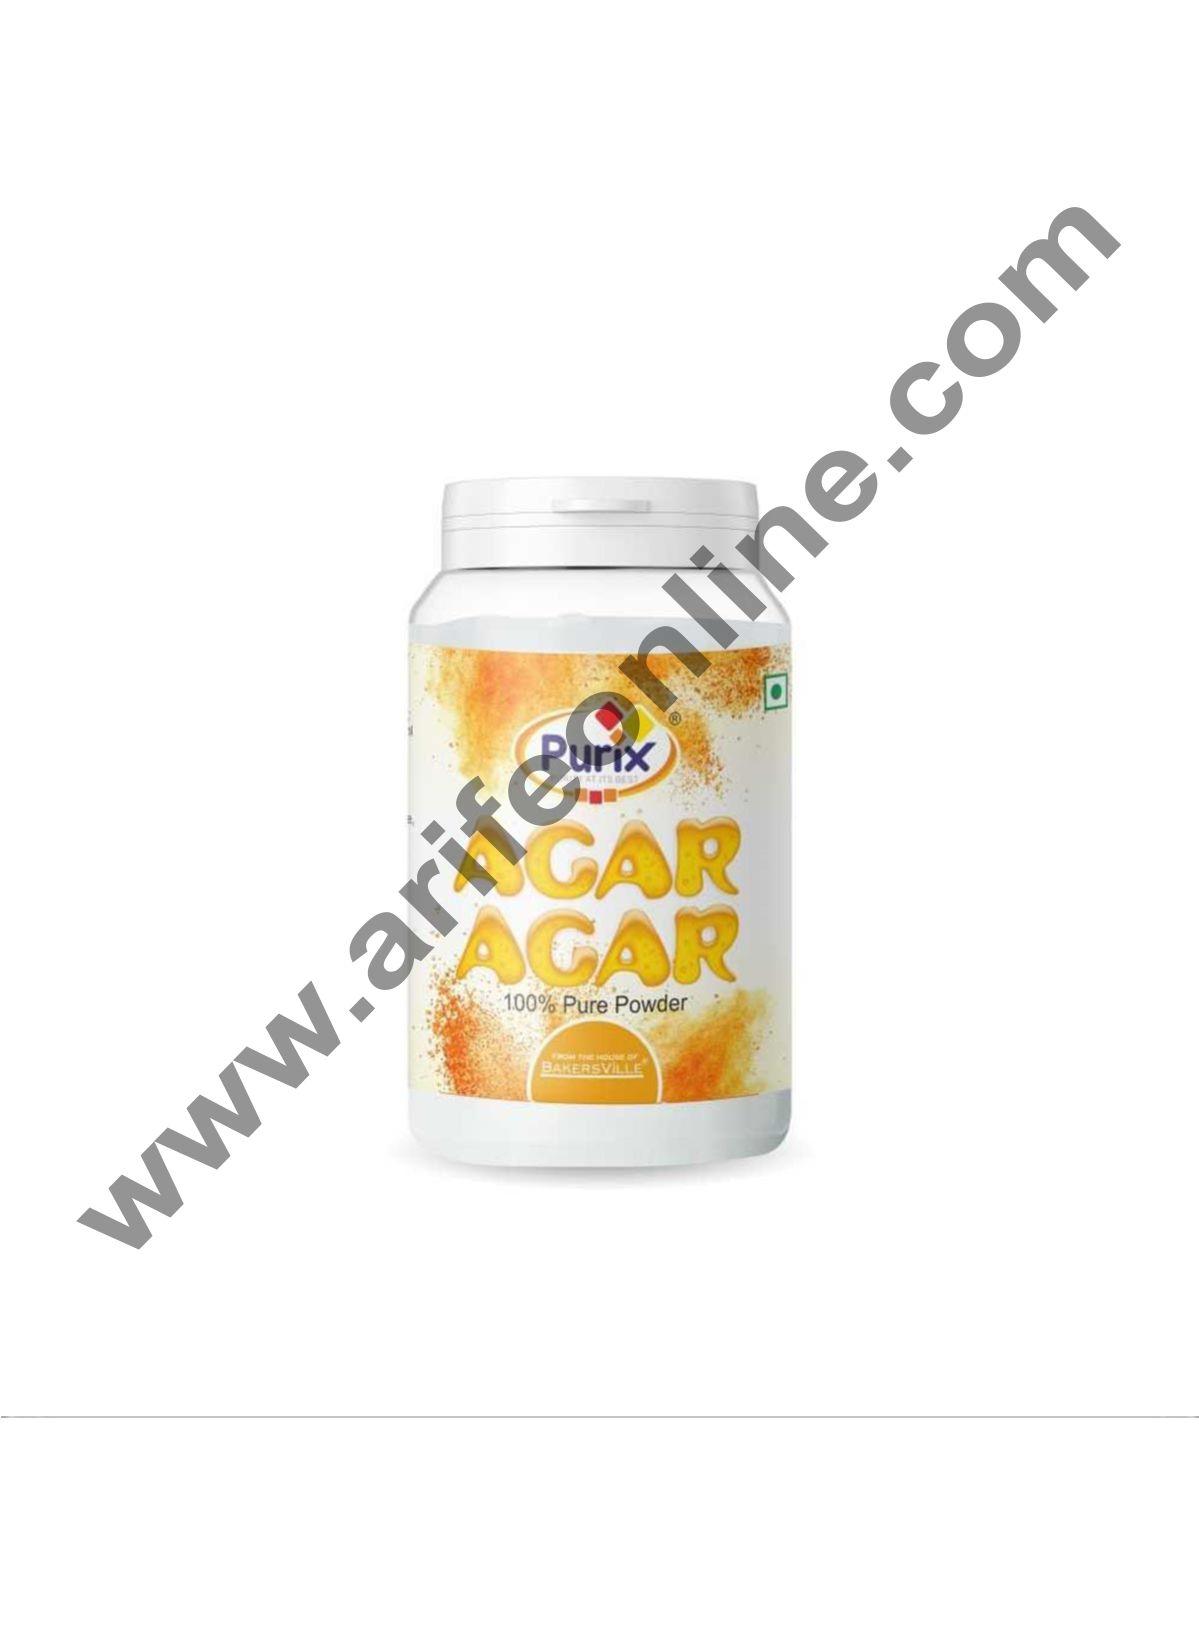 Purix™ Agar-agar Powder, 75gm